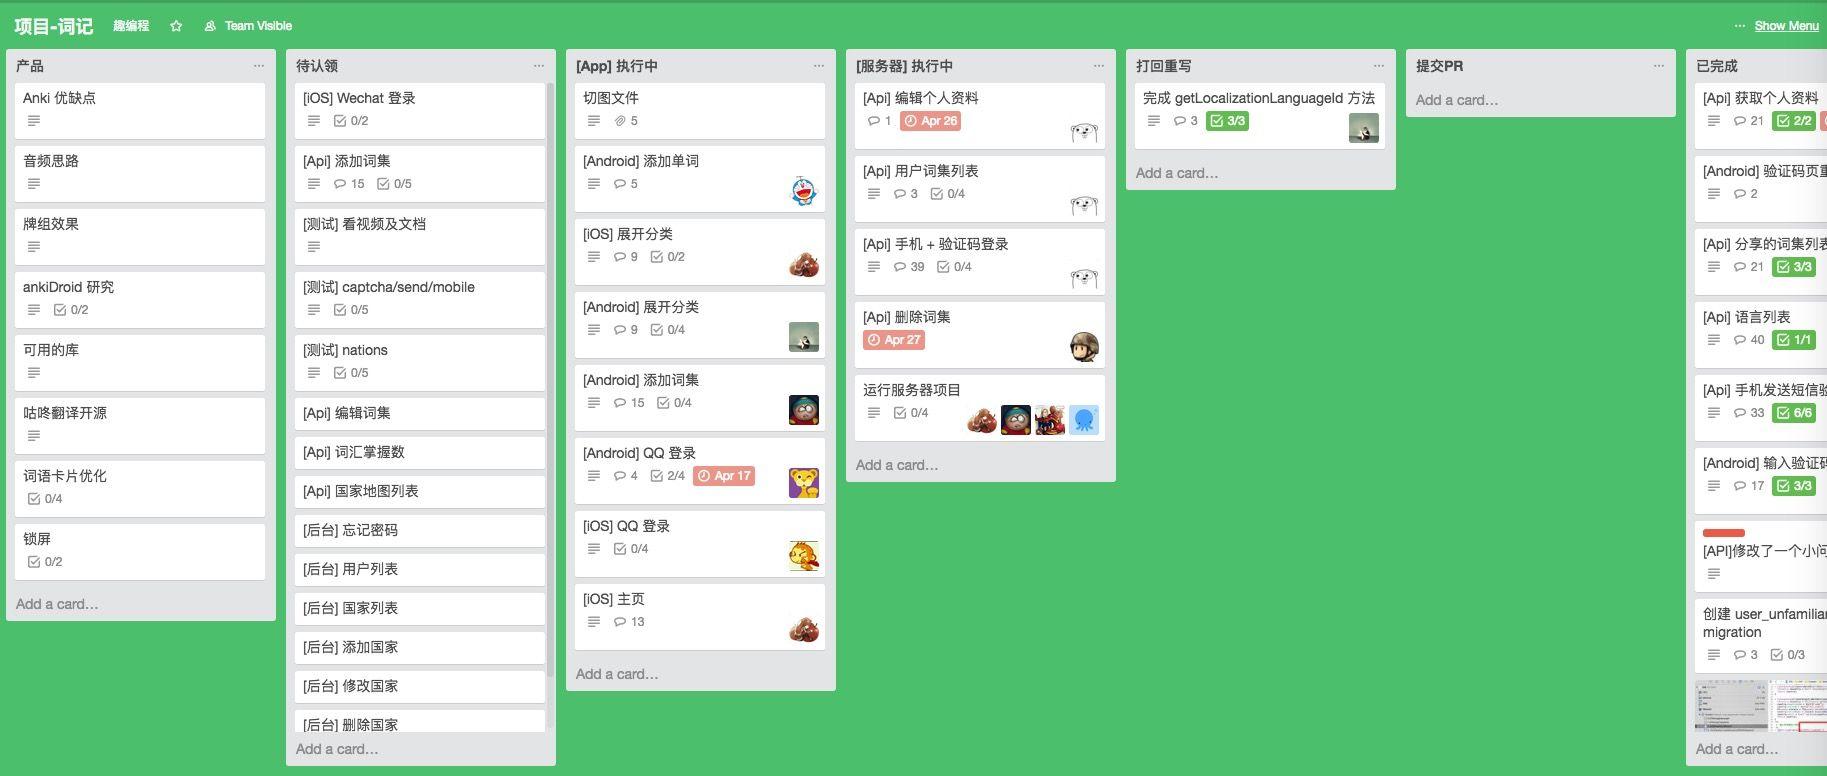 项目任务board.jpg